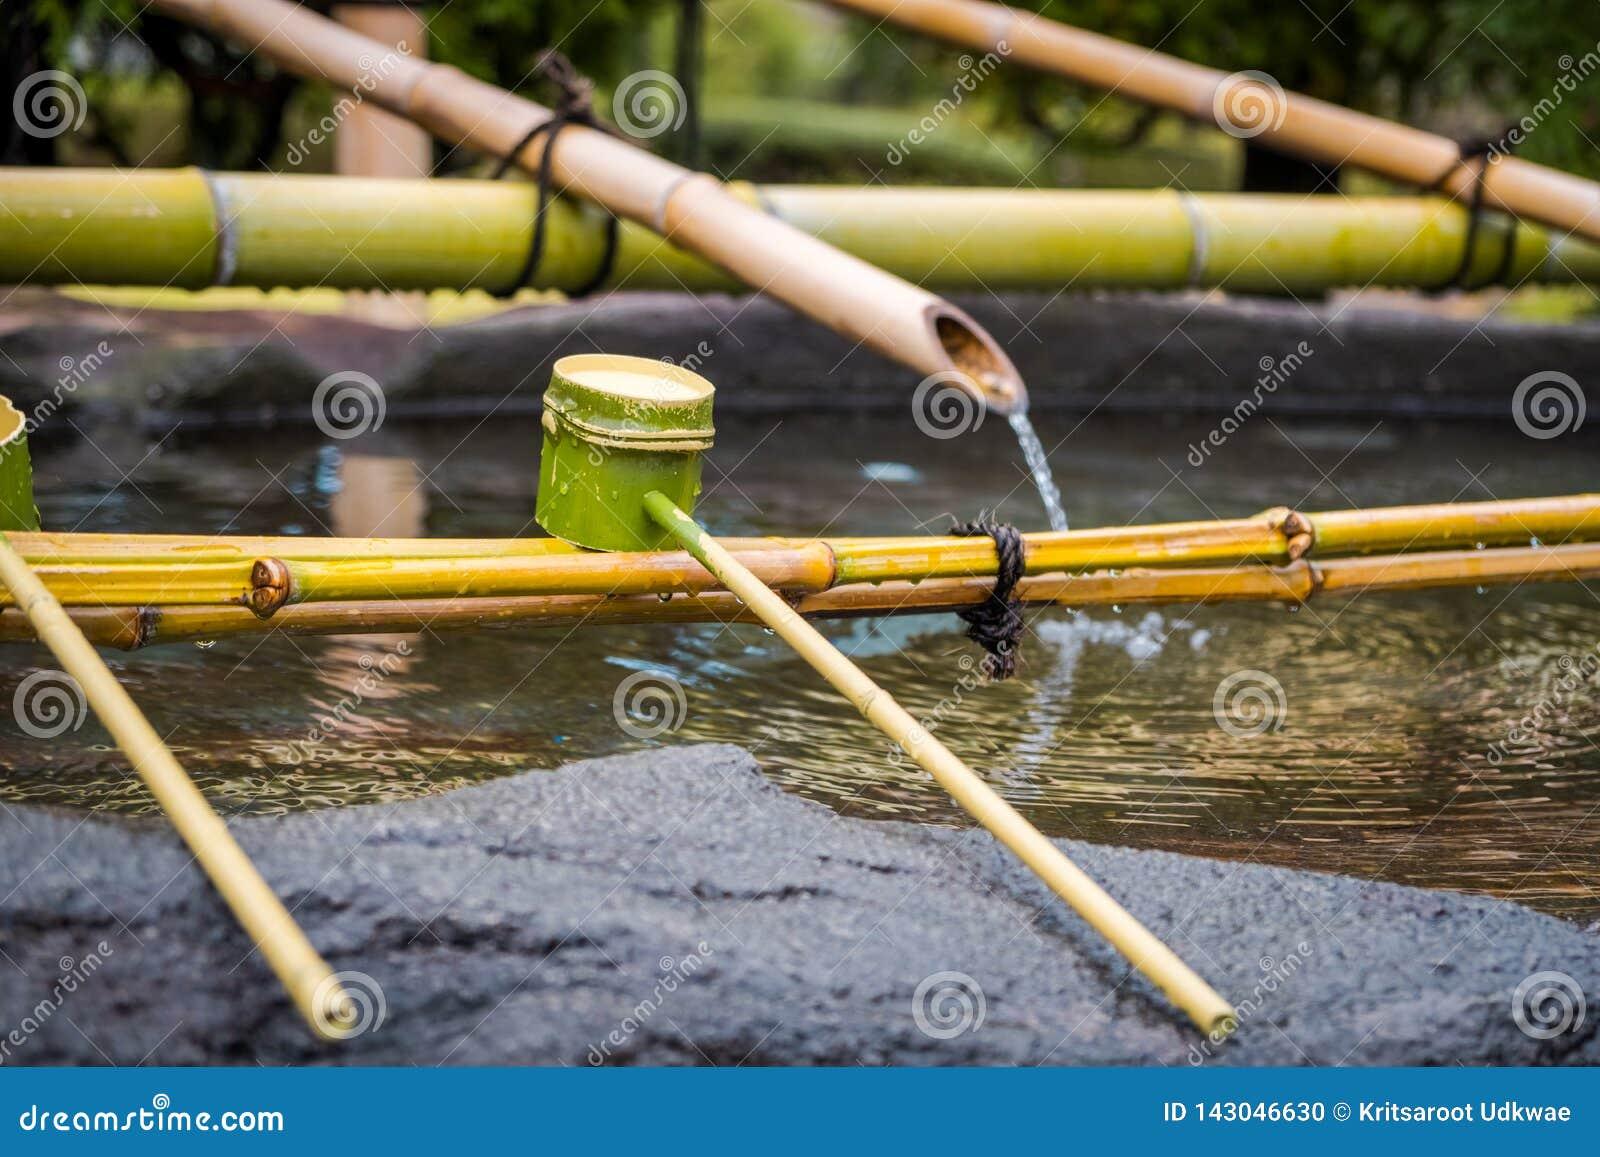 La ceremonia de limpiamiento sintoísta de Omairi usando el agua en la cucharada de bambú entra antes al templo en Japón